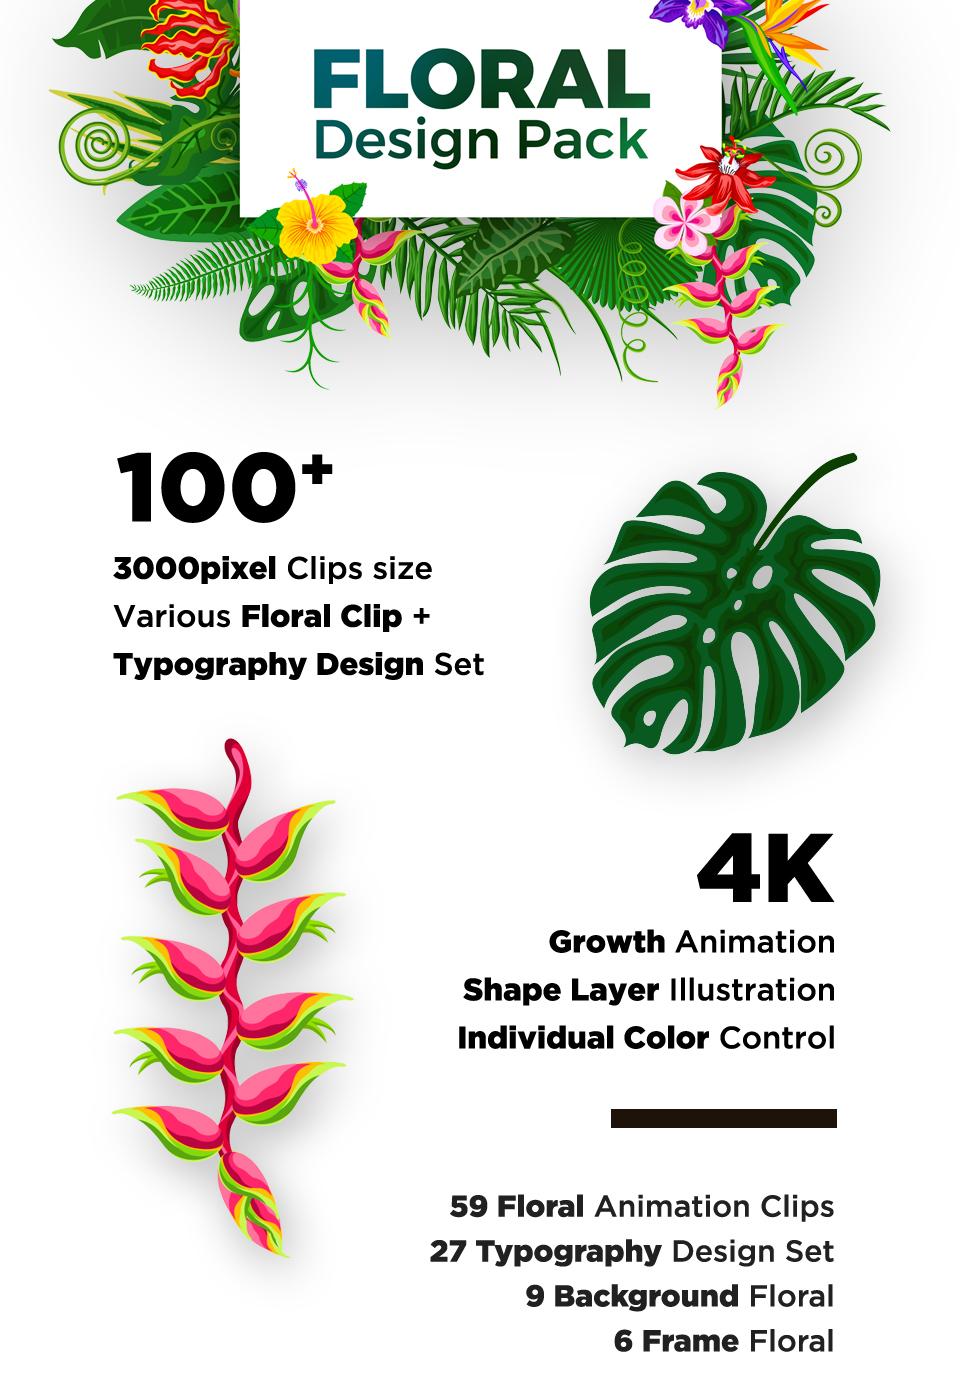 Floral Design Pack - 1